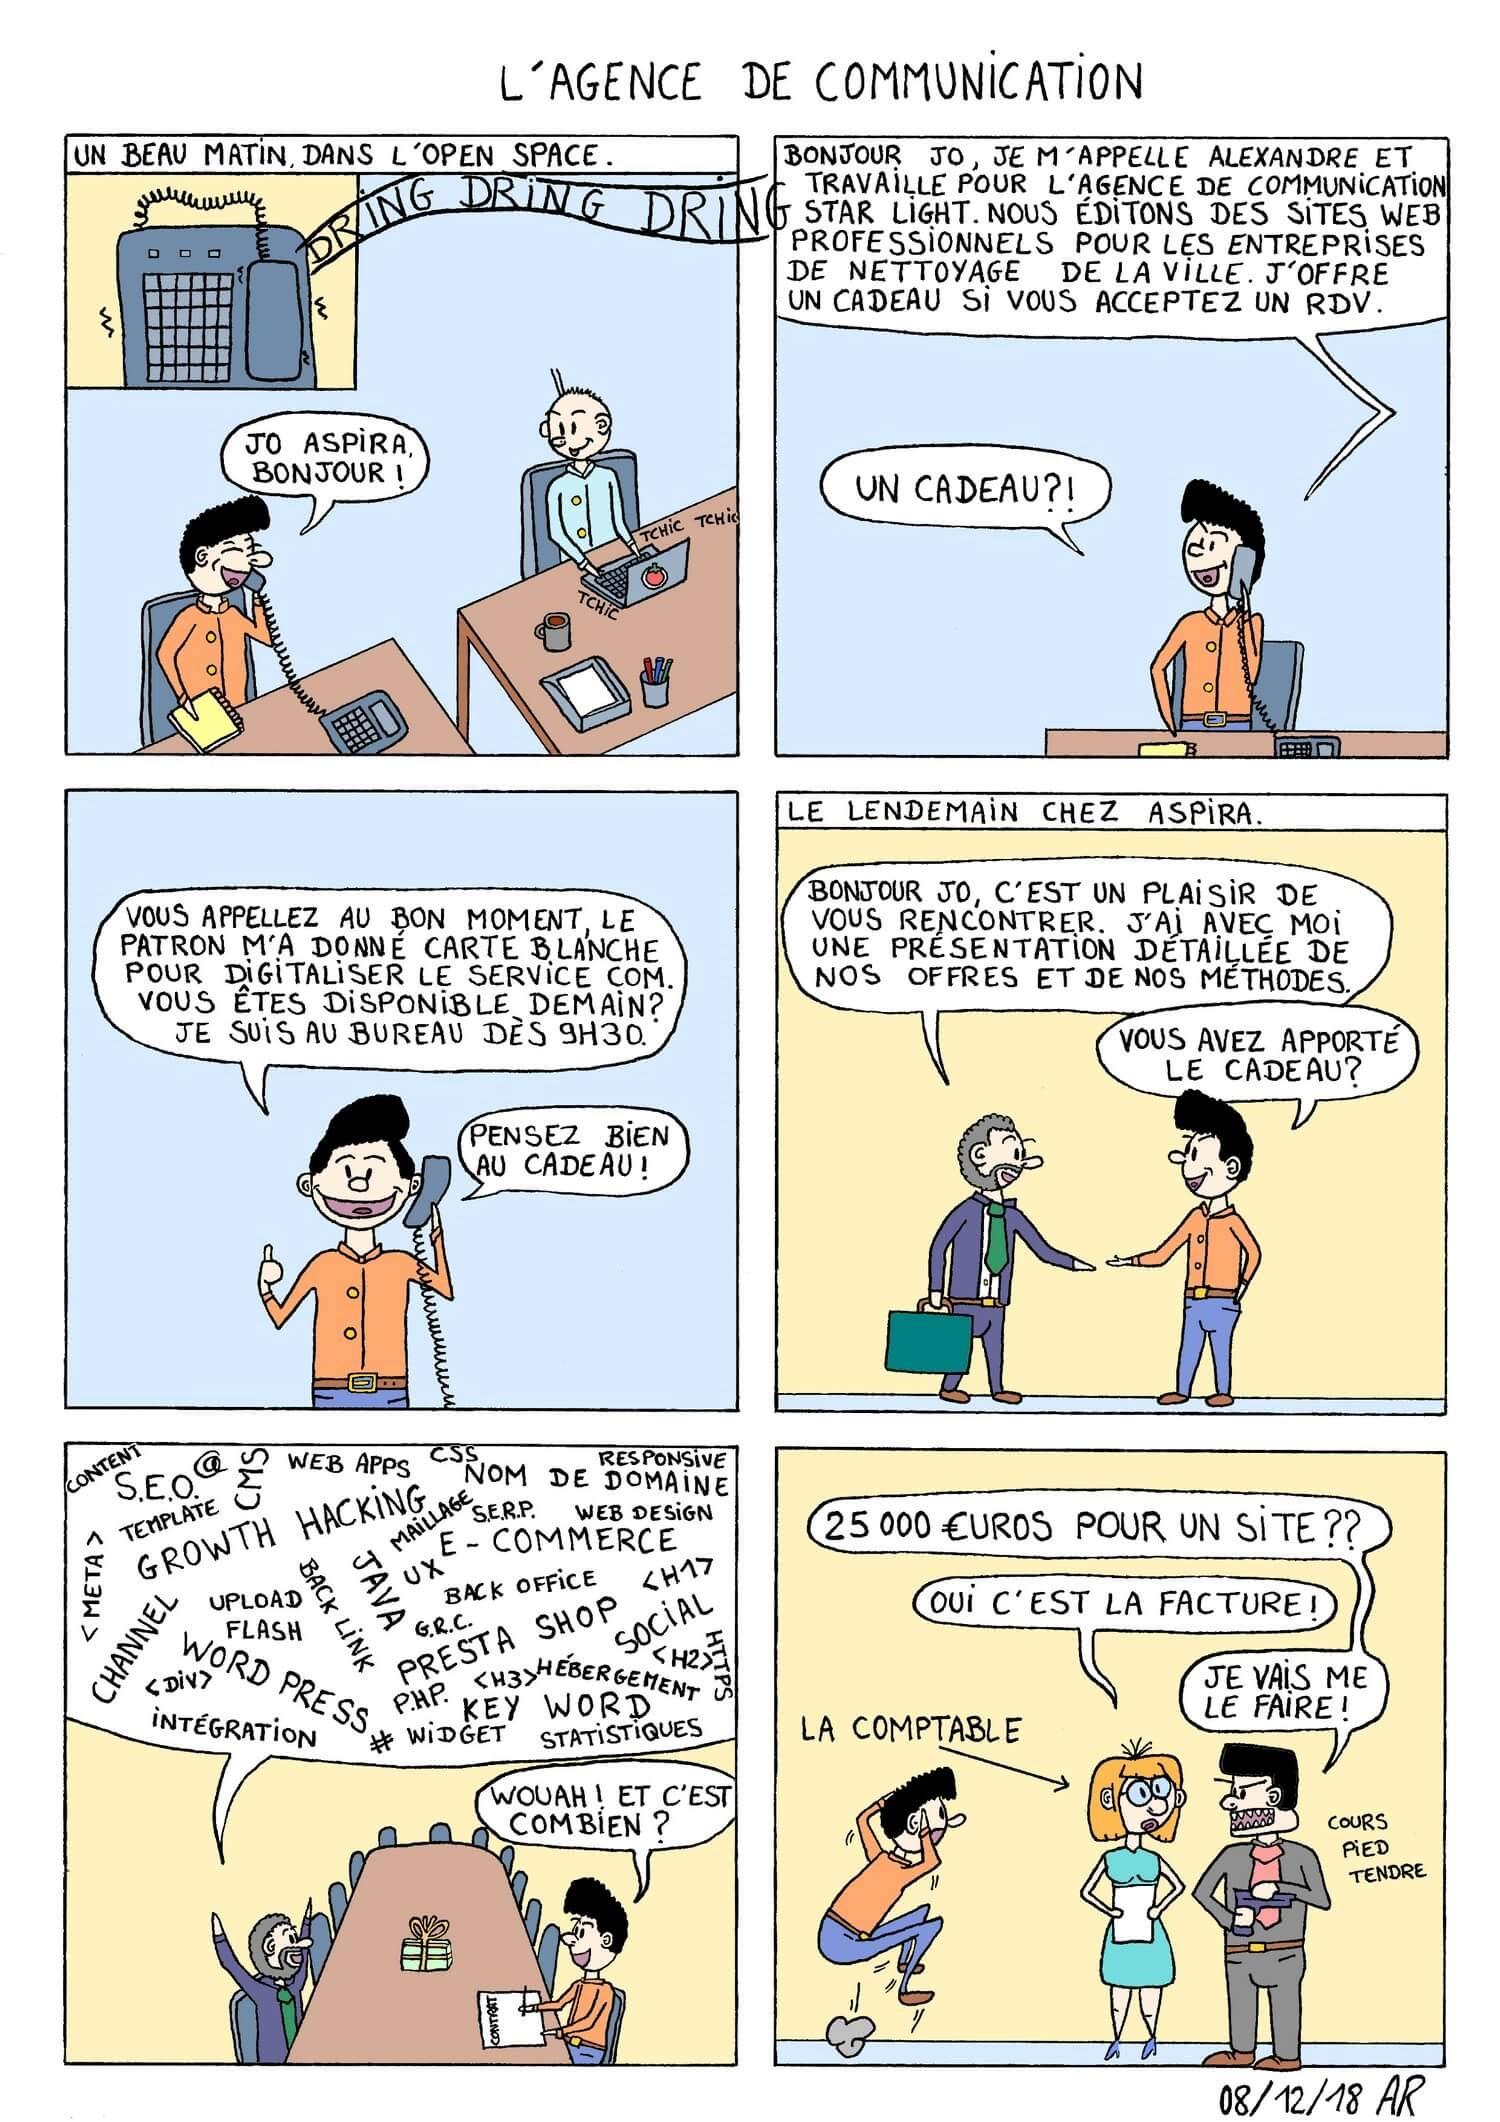 BD gratuite - L'agence de communication - bande dessinée d'humour Course de rats